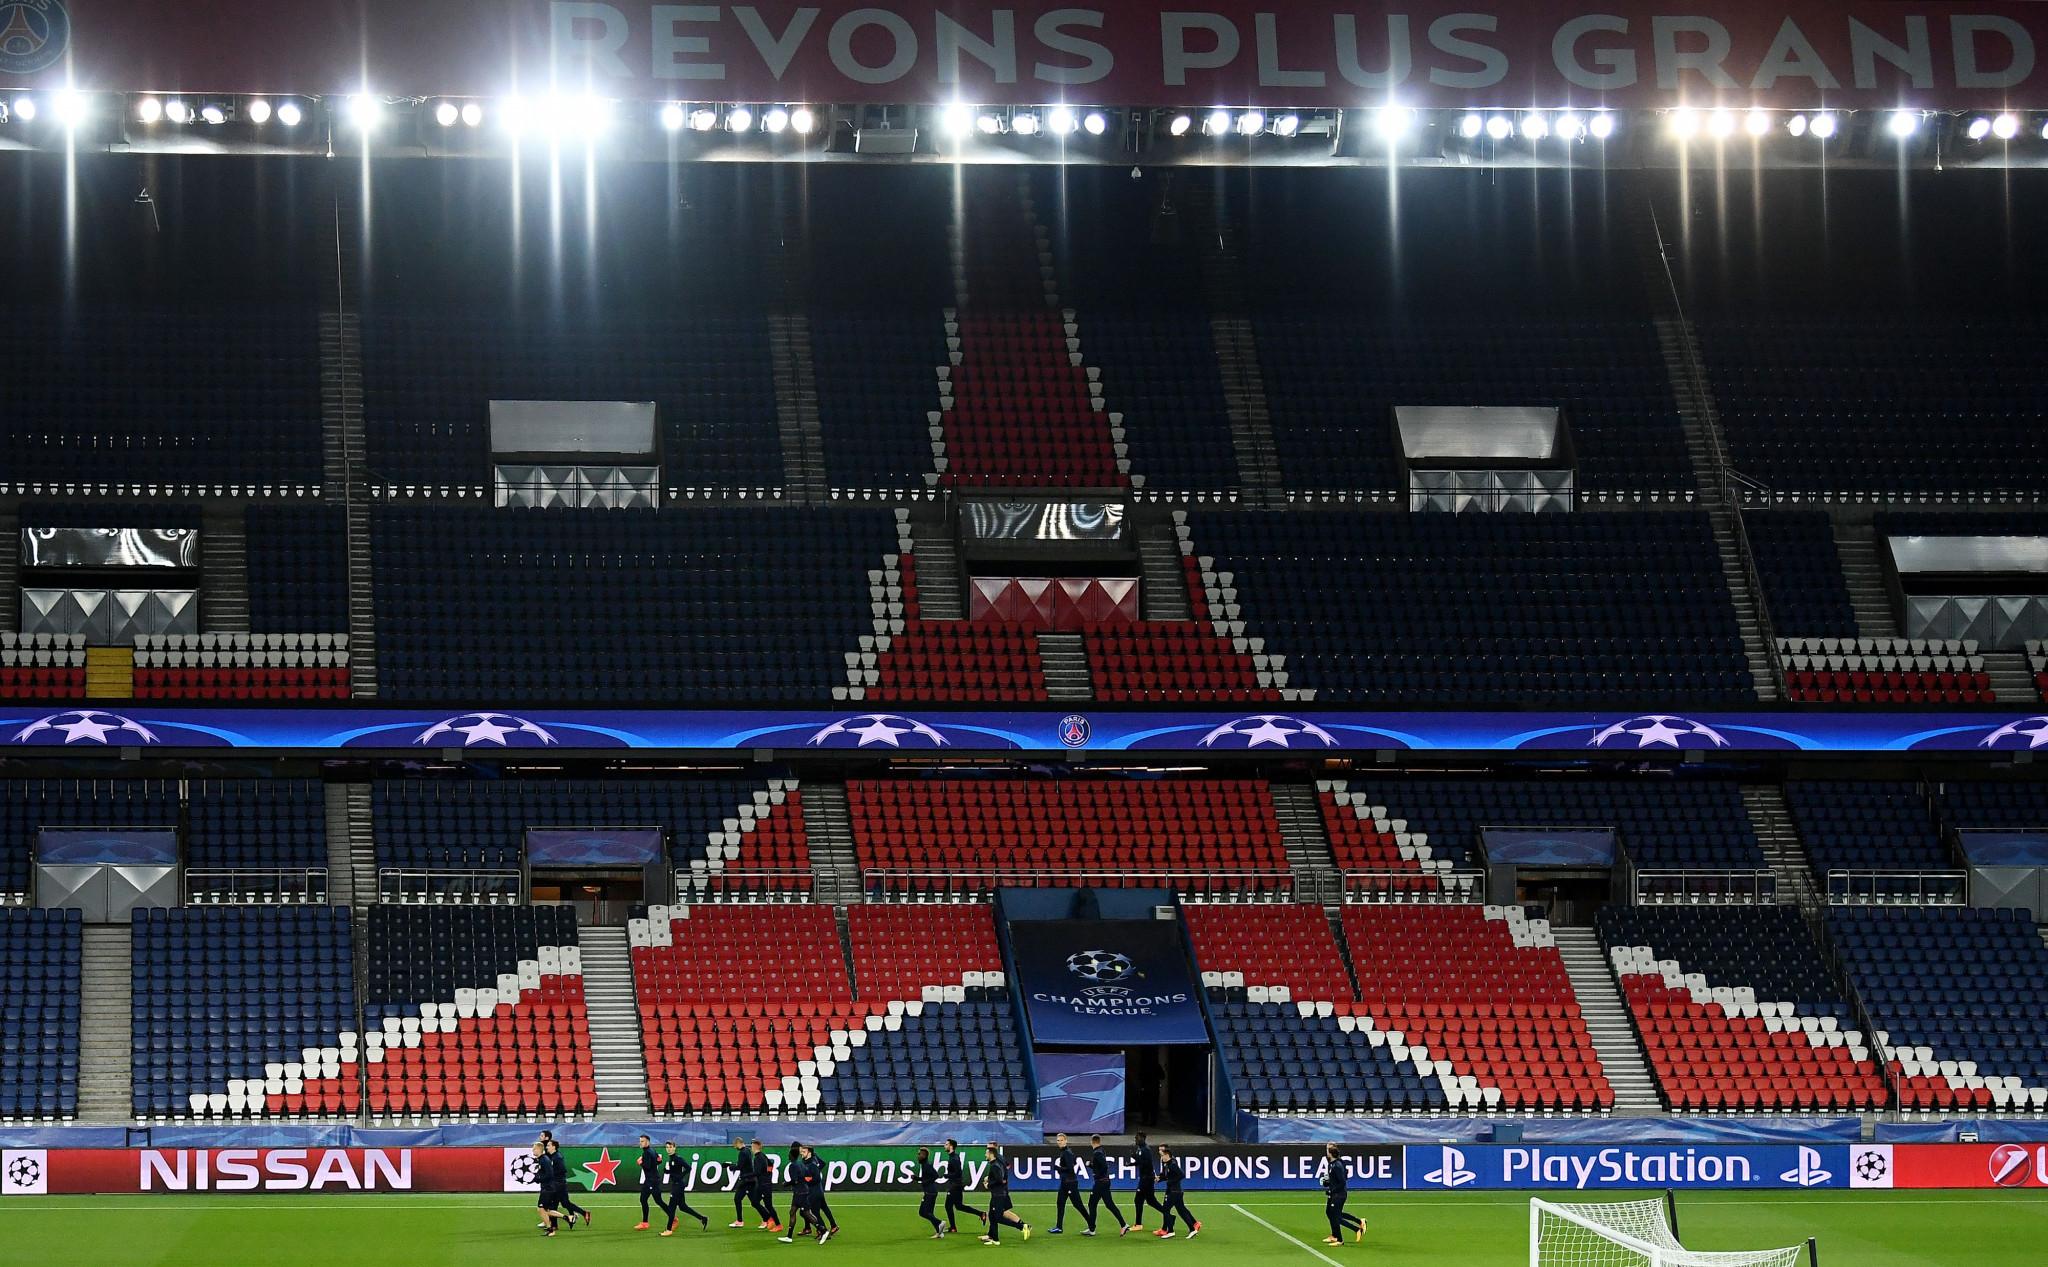 Parc des Princes expansion ruled out before Paris 2024 despite PSG pleas